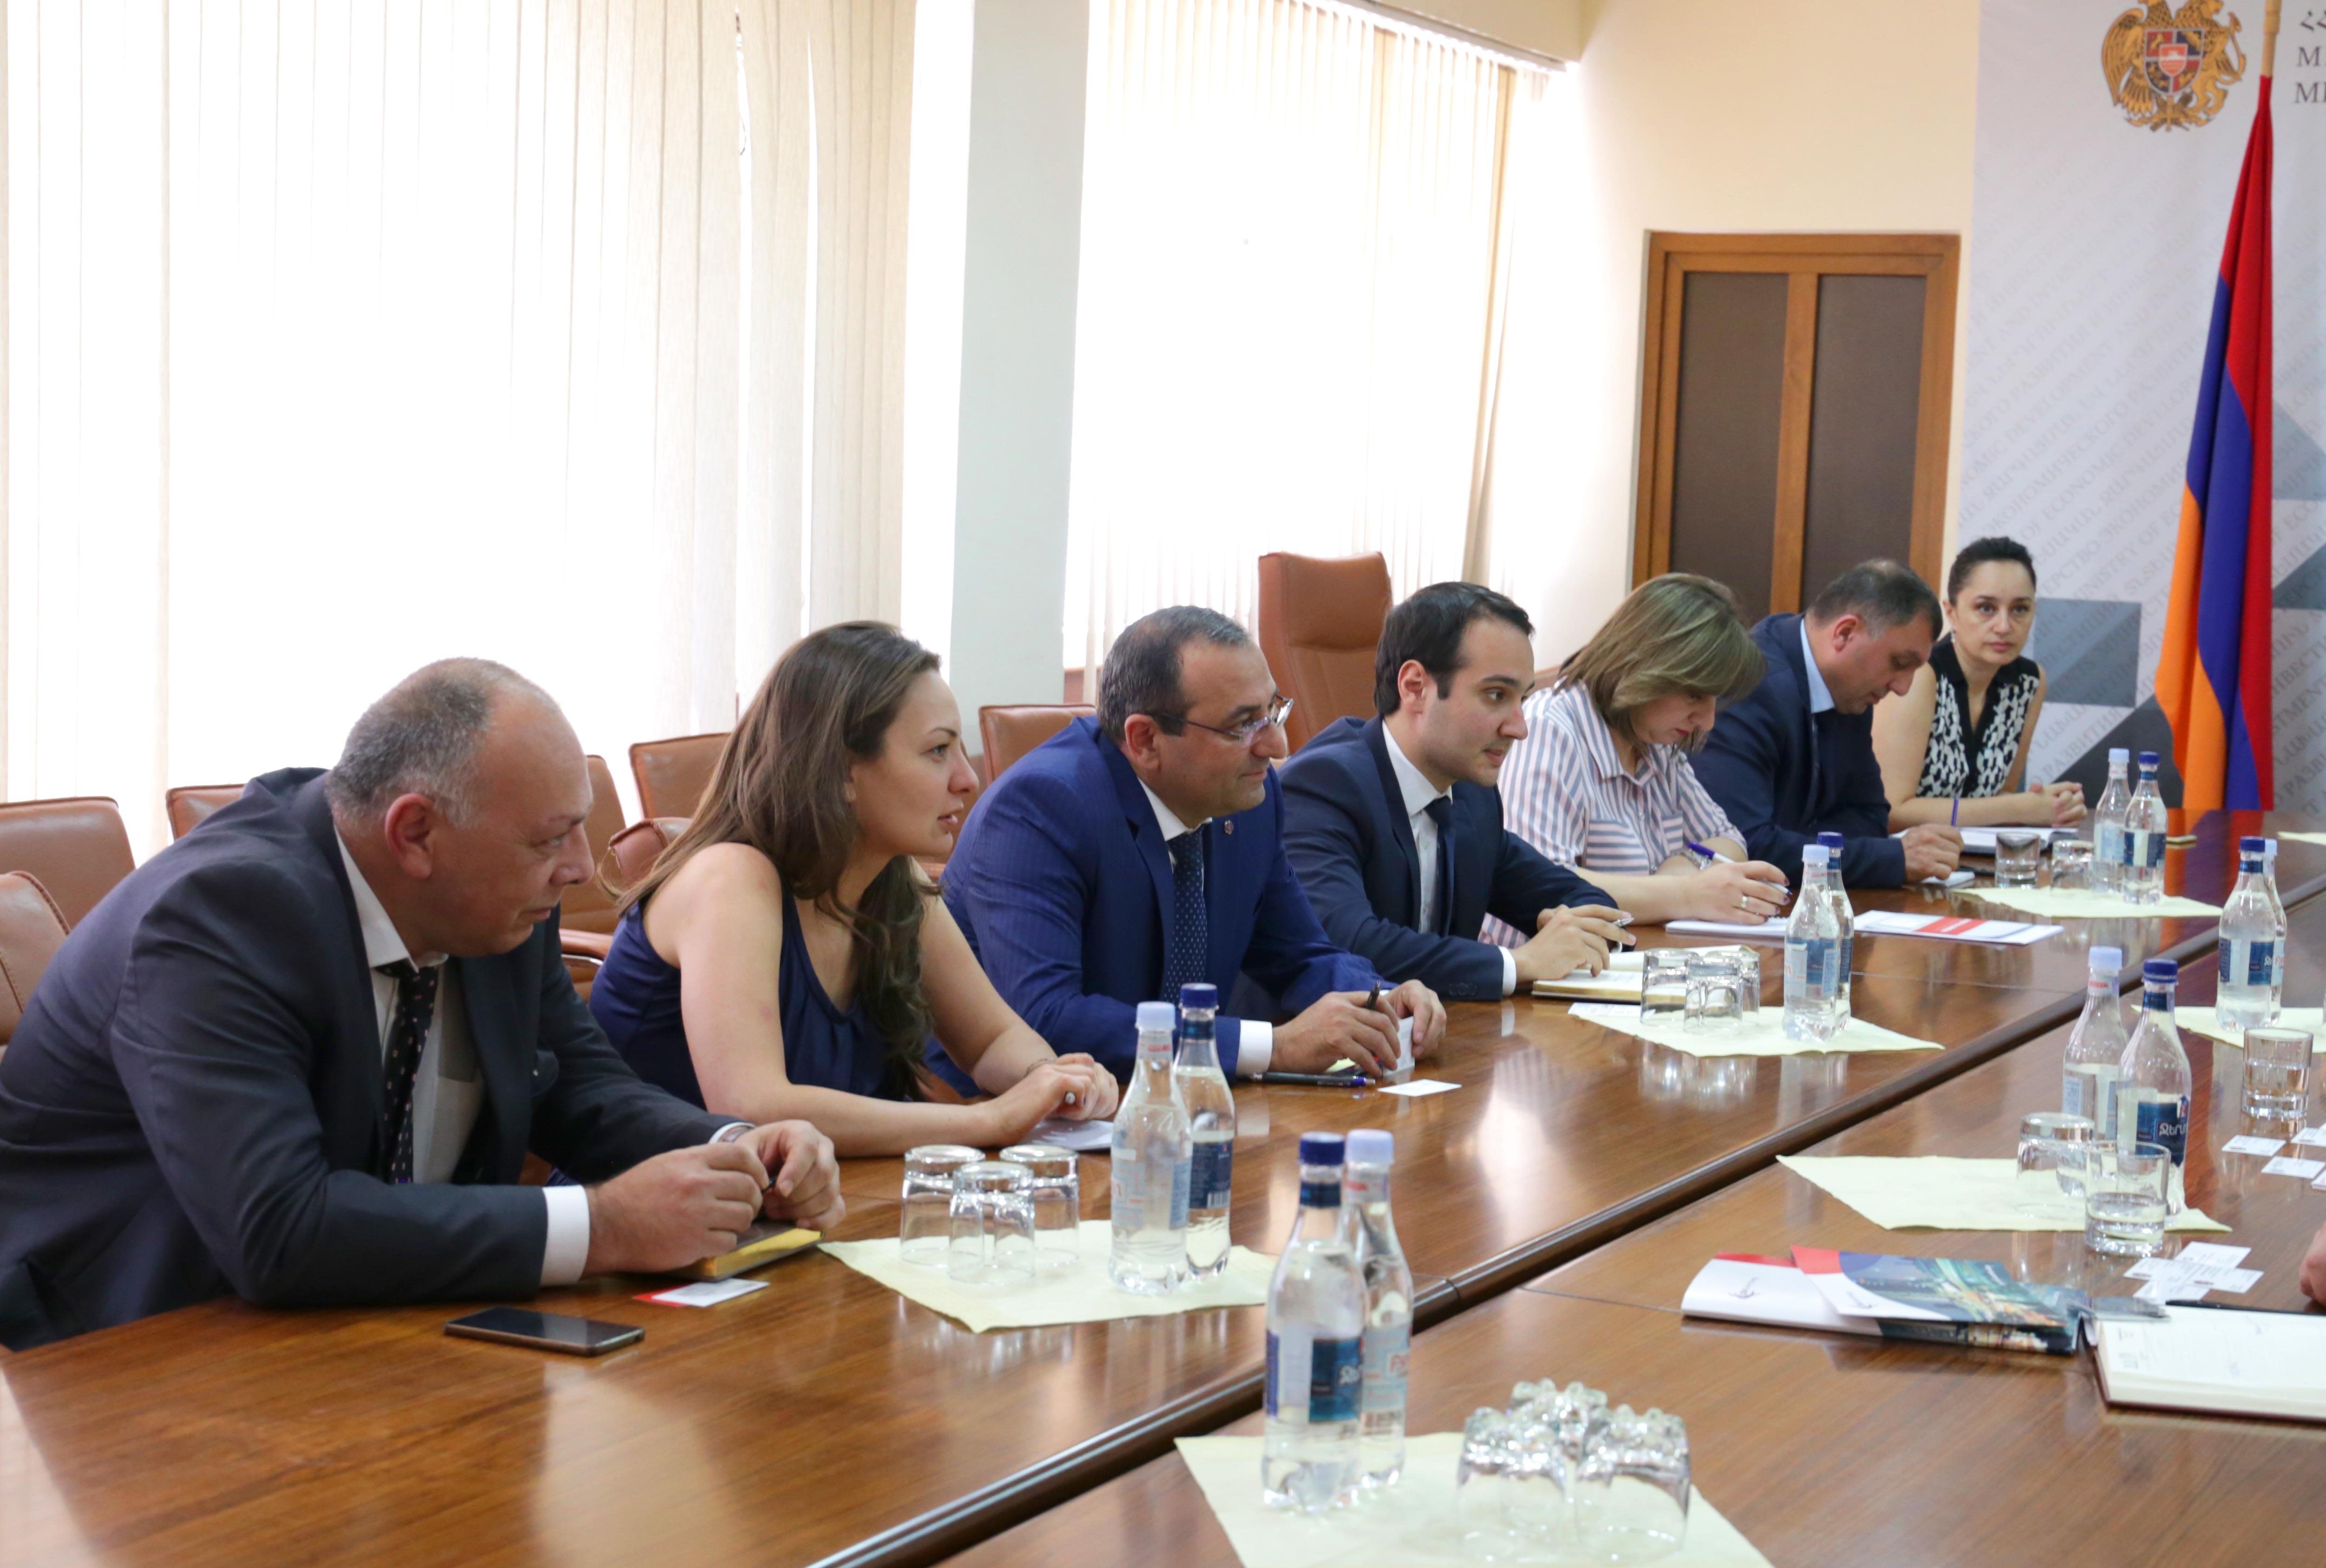 Արծվիկ Մինասյանը հանդիպել է ՀՀ-ում ներդրումներով հետաքրքրված գործարարների հետ